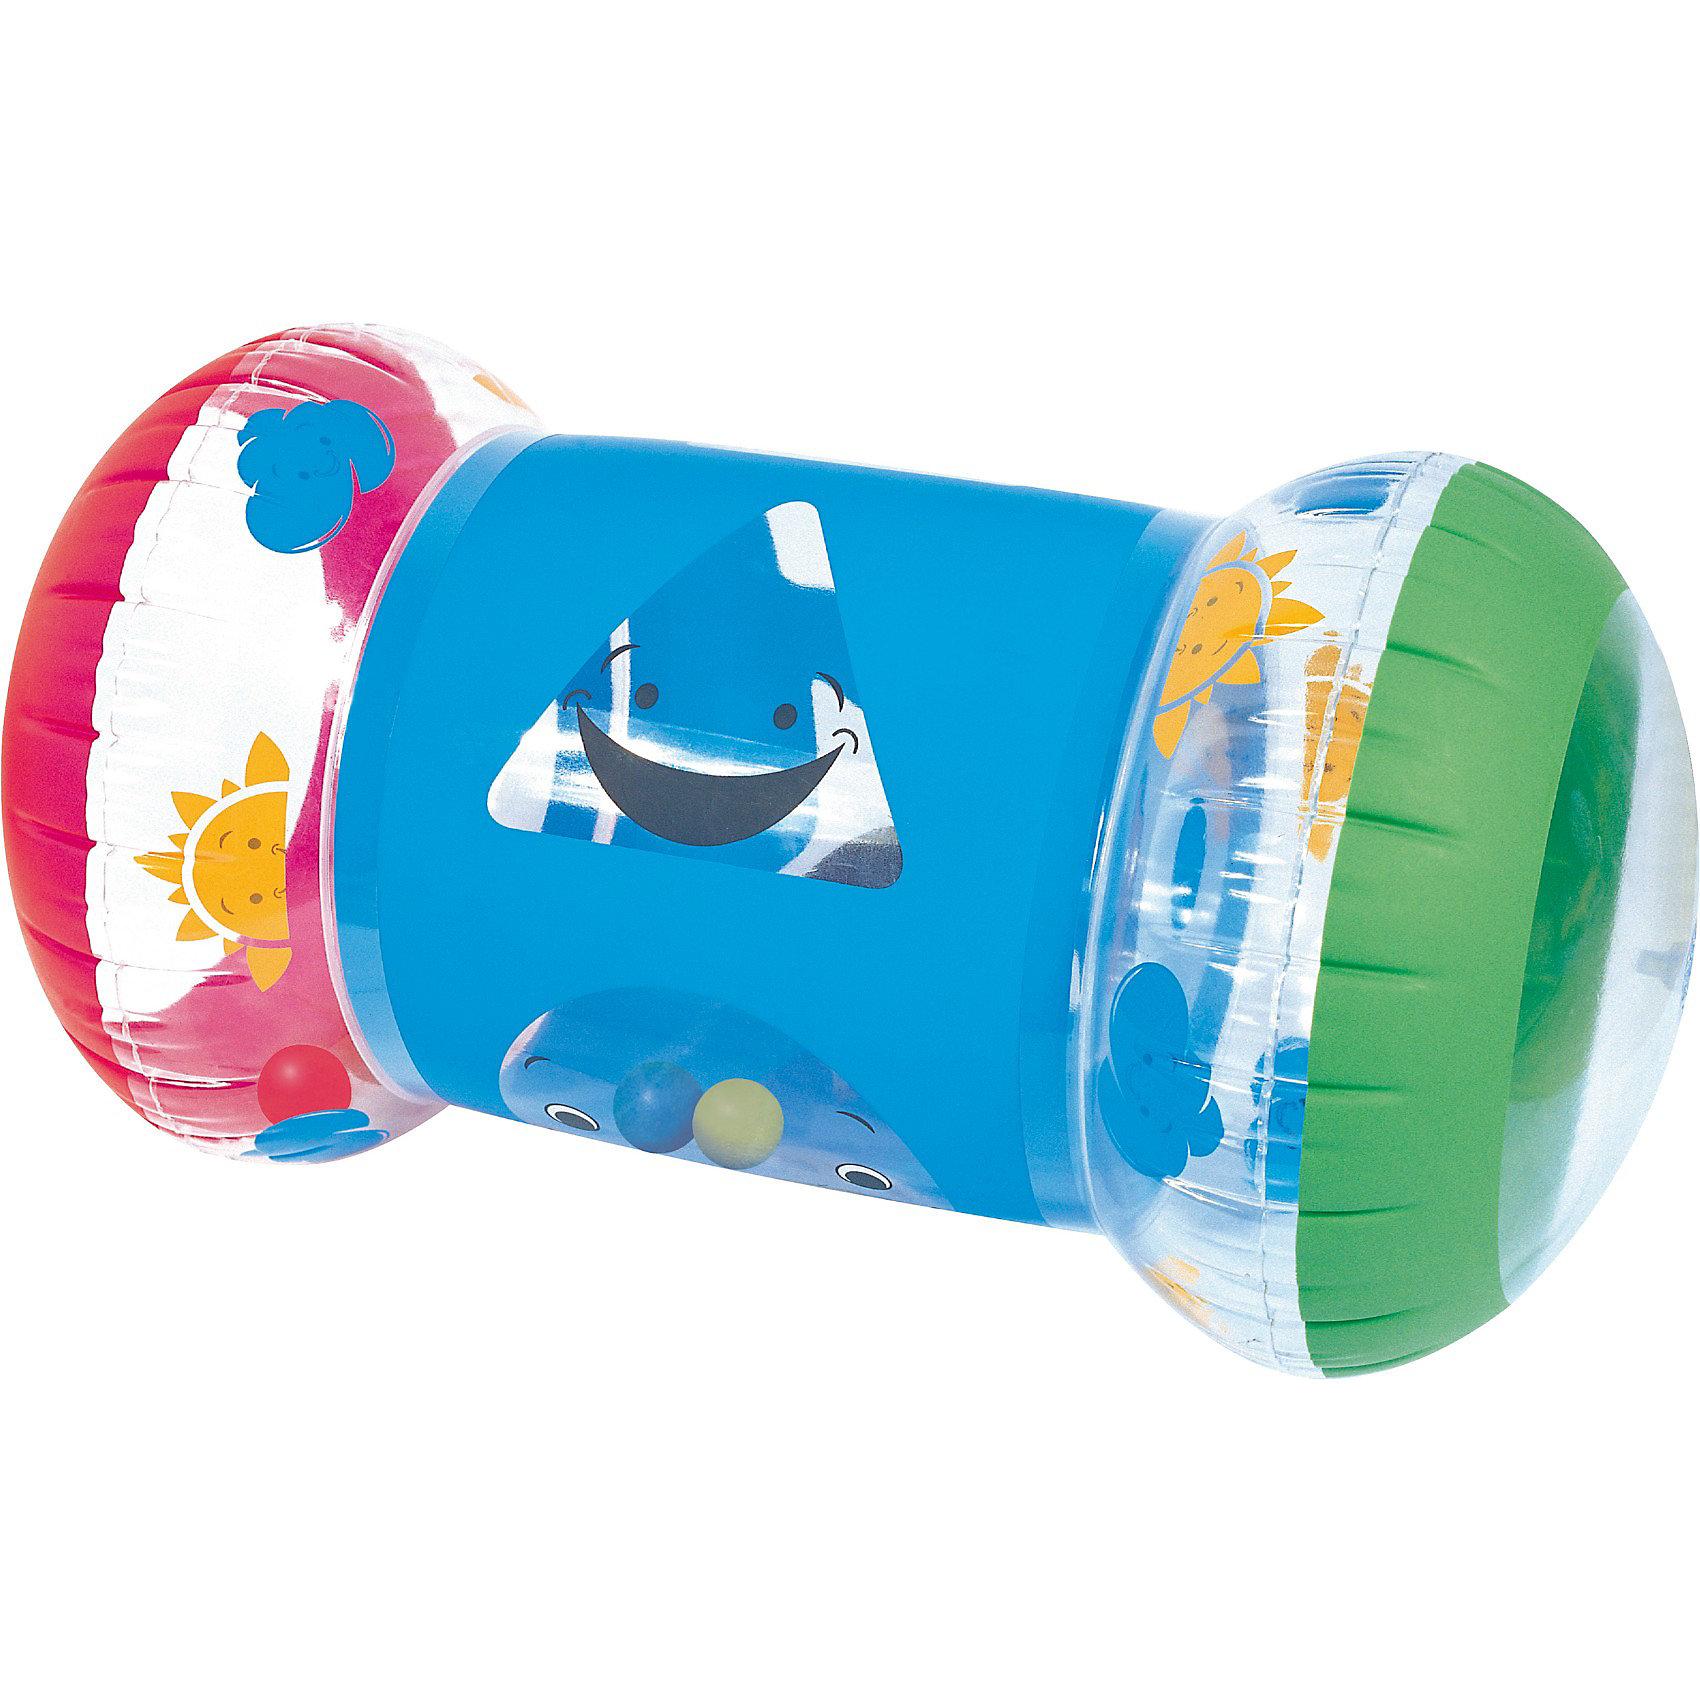 Надувной валик Первые шаги,  BestwayРазвивающие игрушки<br>Характеристики товара:<br><br>• материал: винил<br>• размер: 64х33х33 см<br>• легкий прочный материал<br>• надувной <br>• яркий цвет<br>• для детей, которые учатся ходить<br>• возраст: от 12 мес<br>• страна бренда: США, Китай<br>• страна производства: Китай<br><br>Такой надувной валик - отличный подарок малышам и их родителям. Это отличный способ научиться ходить, придерживаясь за мягкий яркий предмет! Малыш может легко катить валик перед собой, не боясь поранить об него.<br>Предмет сделан из прочного материала, но очень легкого. Валик мало весит, его удобно брать с собой. Изделие произведено из качественных и безопасных для детей материалов.<br><br>Надувной валик Первые шаги от бренда Bestway (Бествей) можно купить в нашем интернет-магазине.<br><br>Ширина мм: 247<br>Глубина мм: 236<br>Высота мм: 48<br>Вес г: 288<br>Возраст от месяцев: 3<br>Возраст до месяцев: 36<br>Пол: Унисекс<br>Возраст: Детский<br>SKU: 3825215